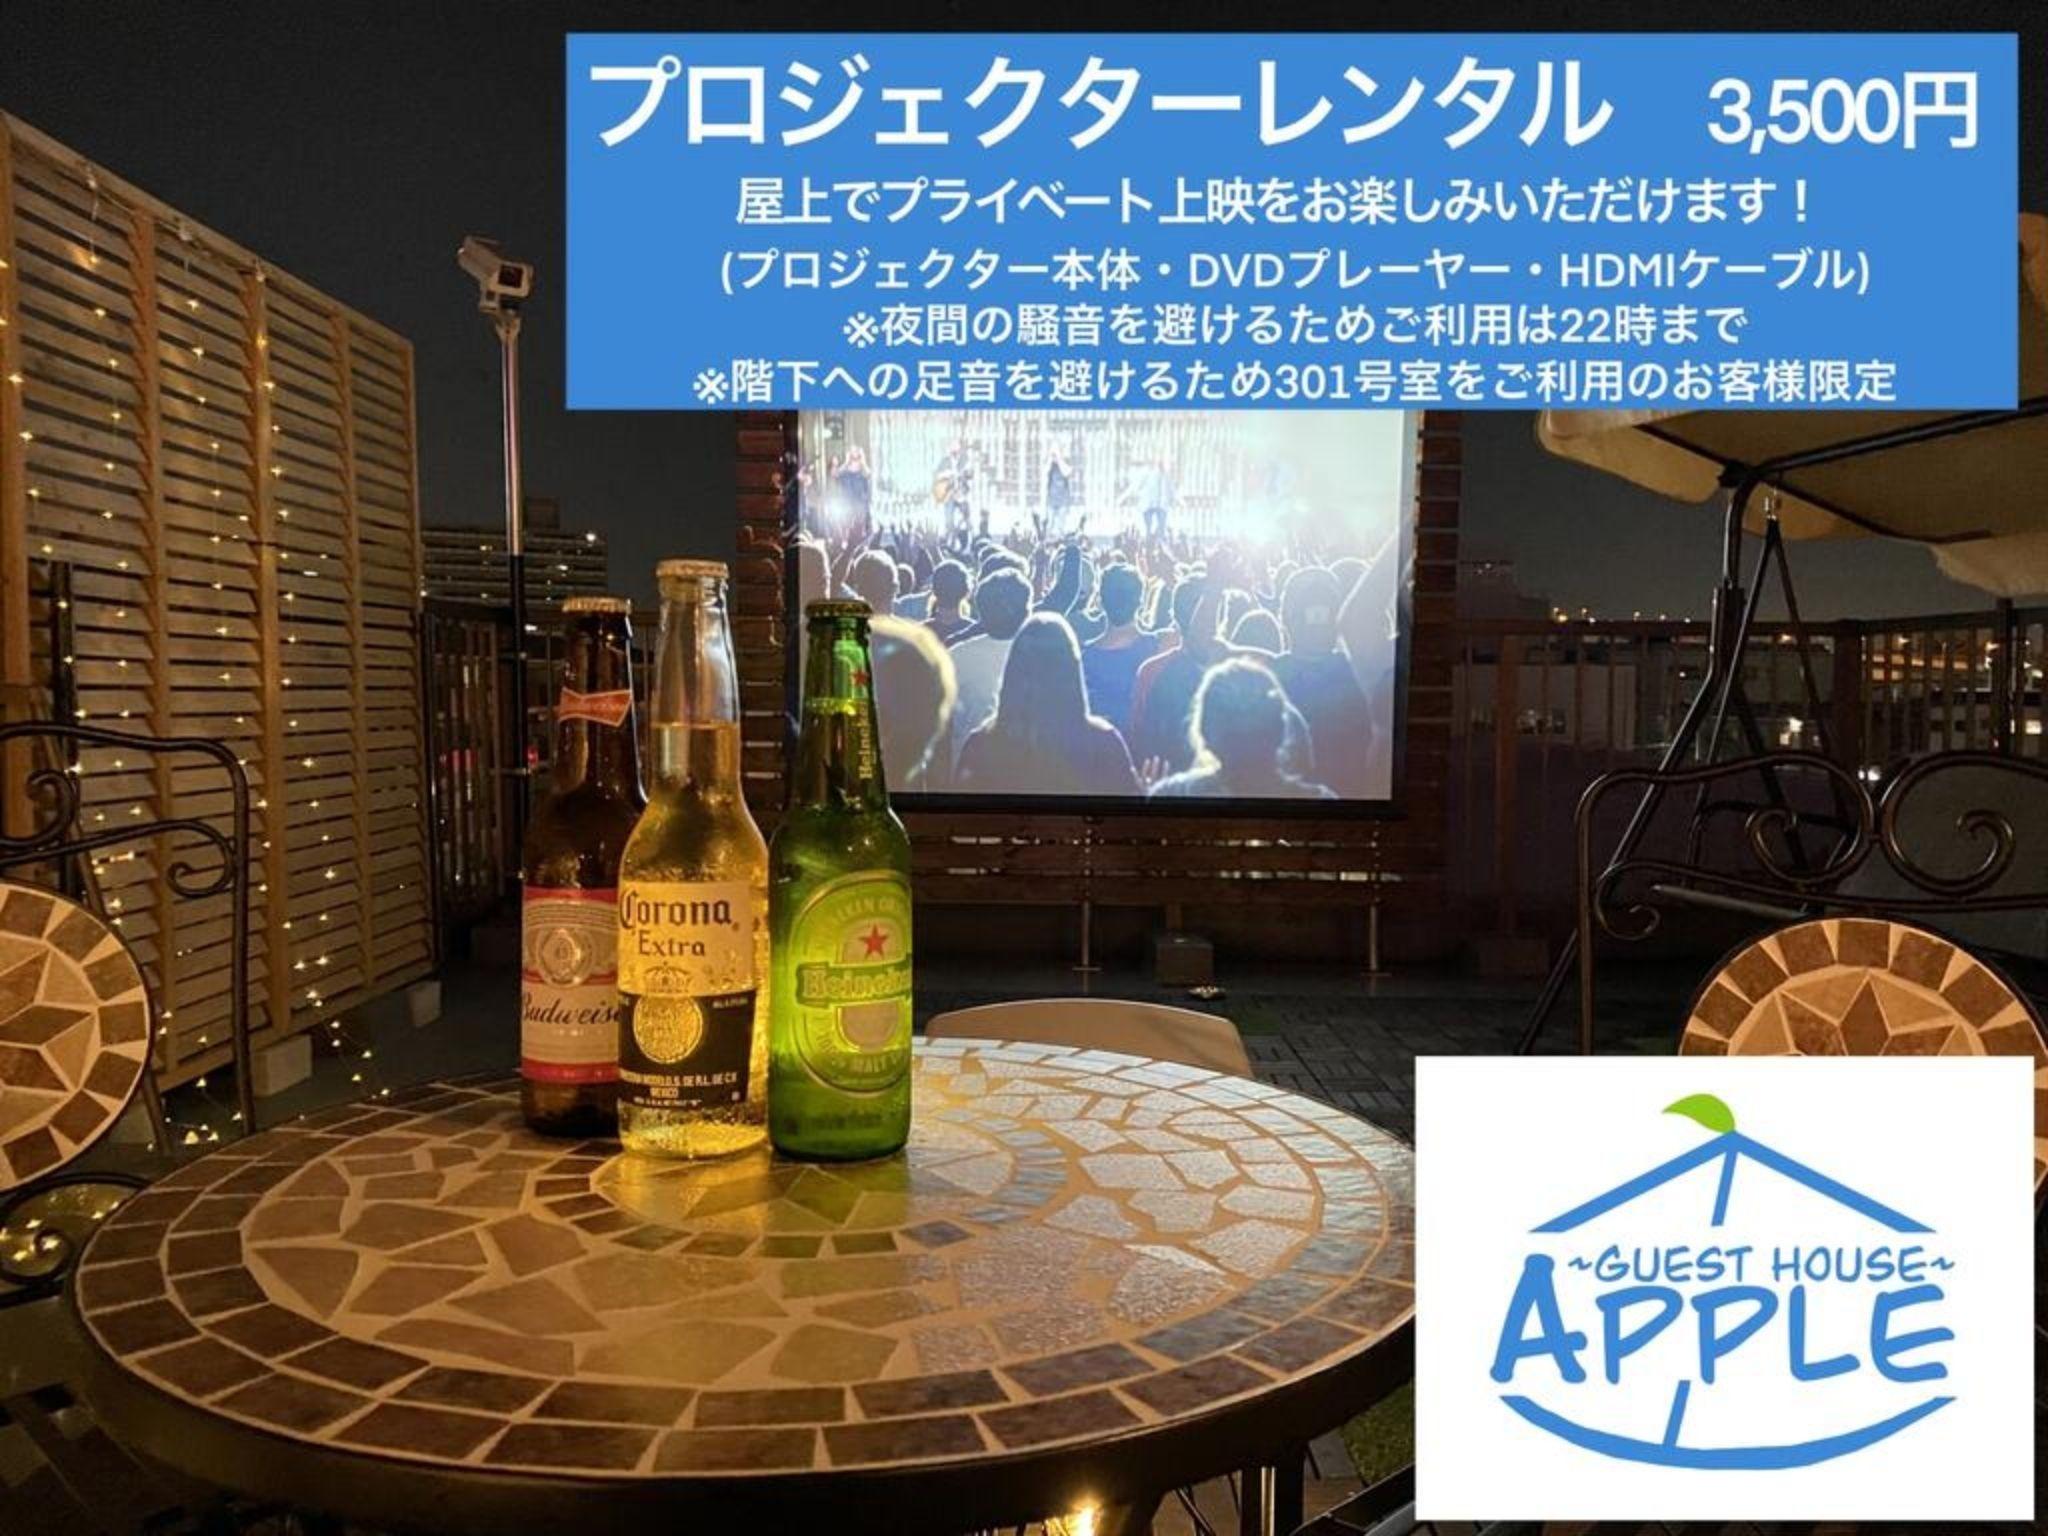 201号室(バルコニー付)1フロア バス・トイレ・洗面2箇所!!